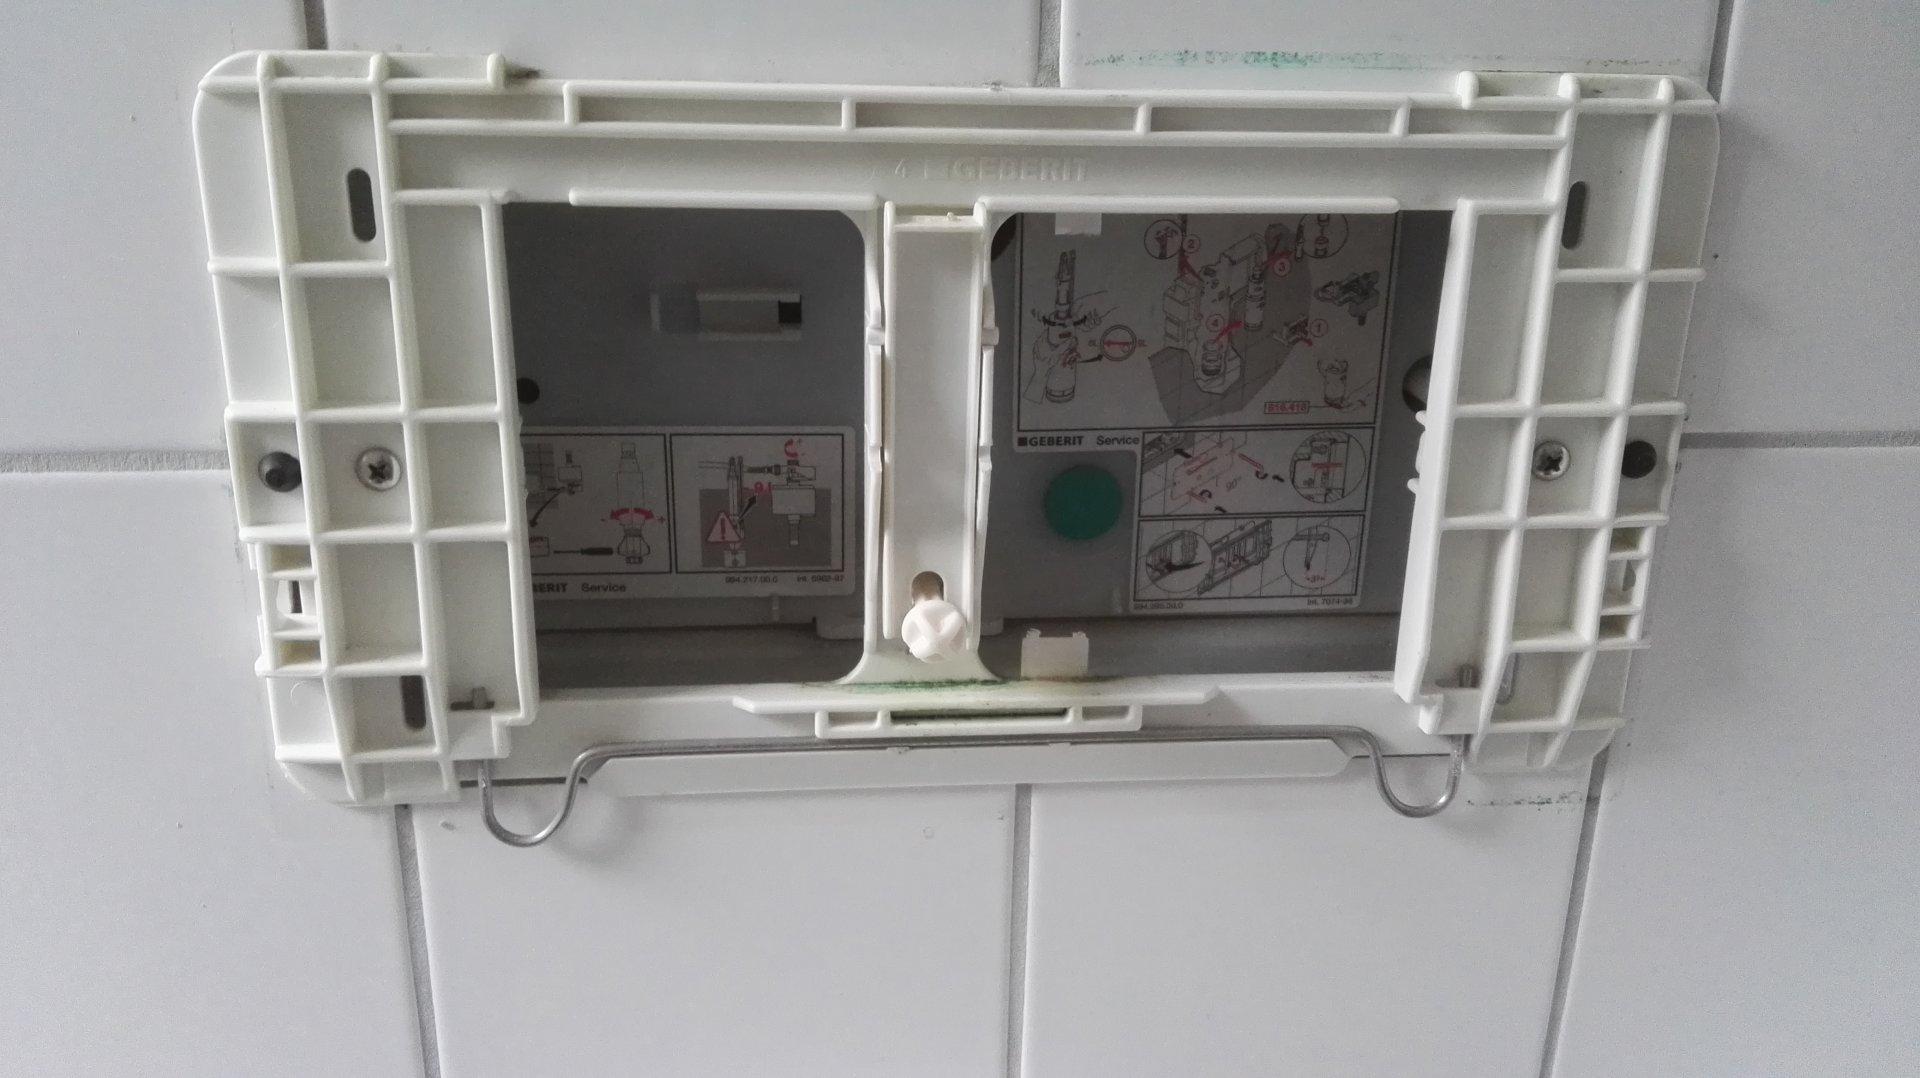 Hervorragend Hilfe: Toilettenspülung läuft stark nach! LR69